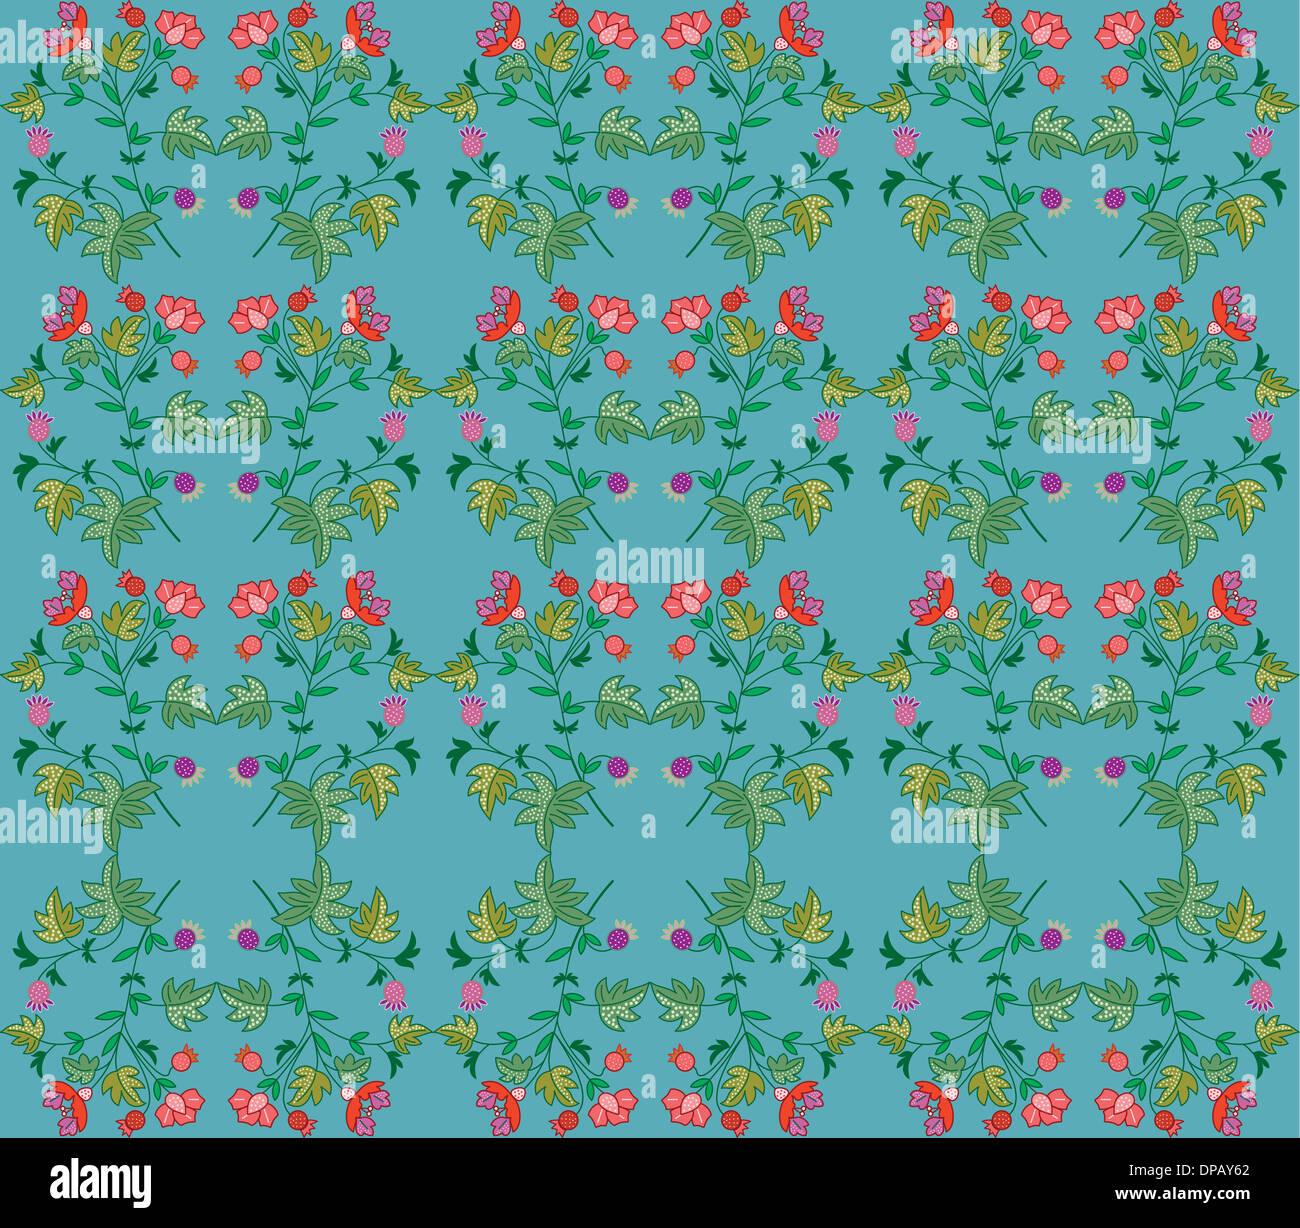 Blumenmuster auf blauem Hintergrund Stockbild